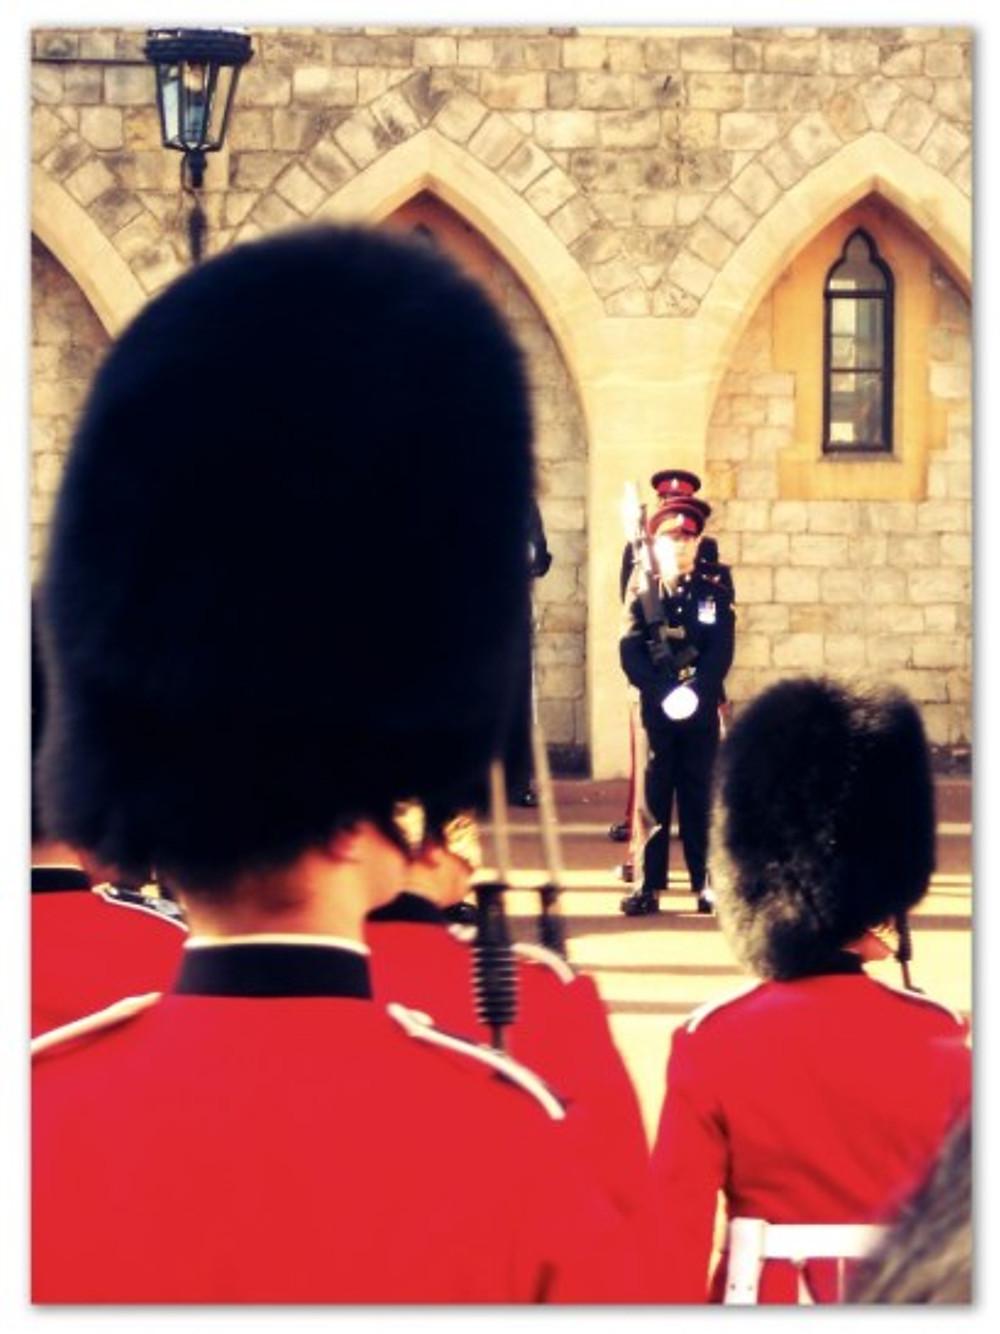 Em Londres, tem uns guardas com chapéu engraçado, que o Theozão vai querer tirar, com certeza. (arquivo pessoal)